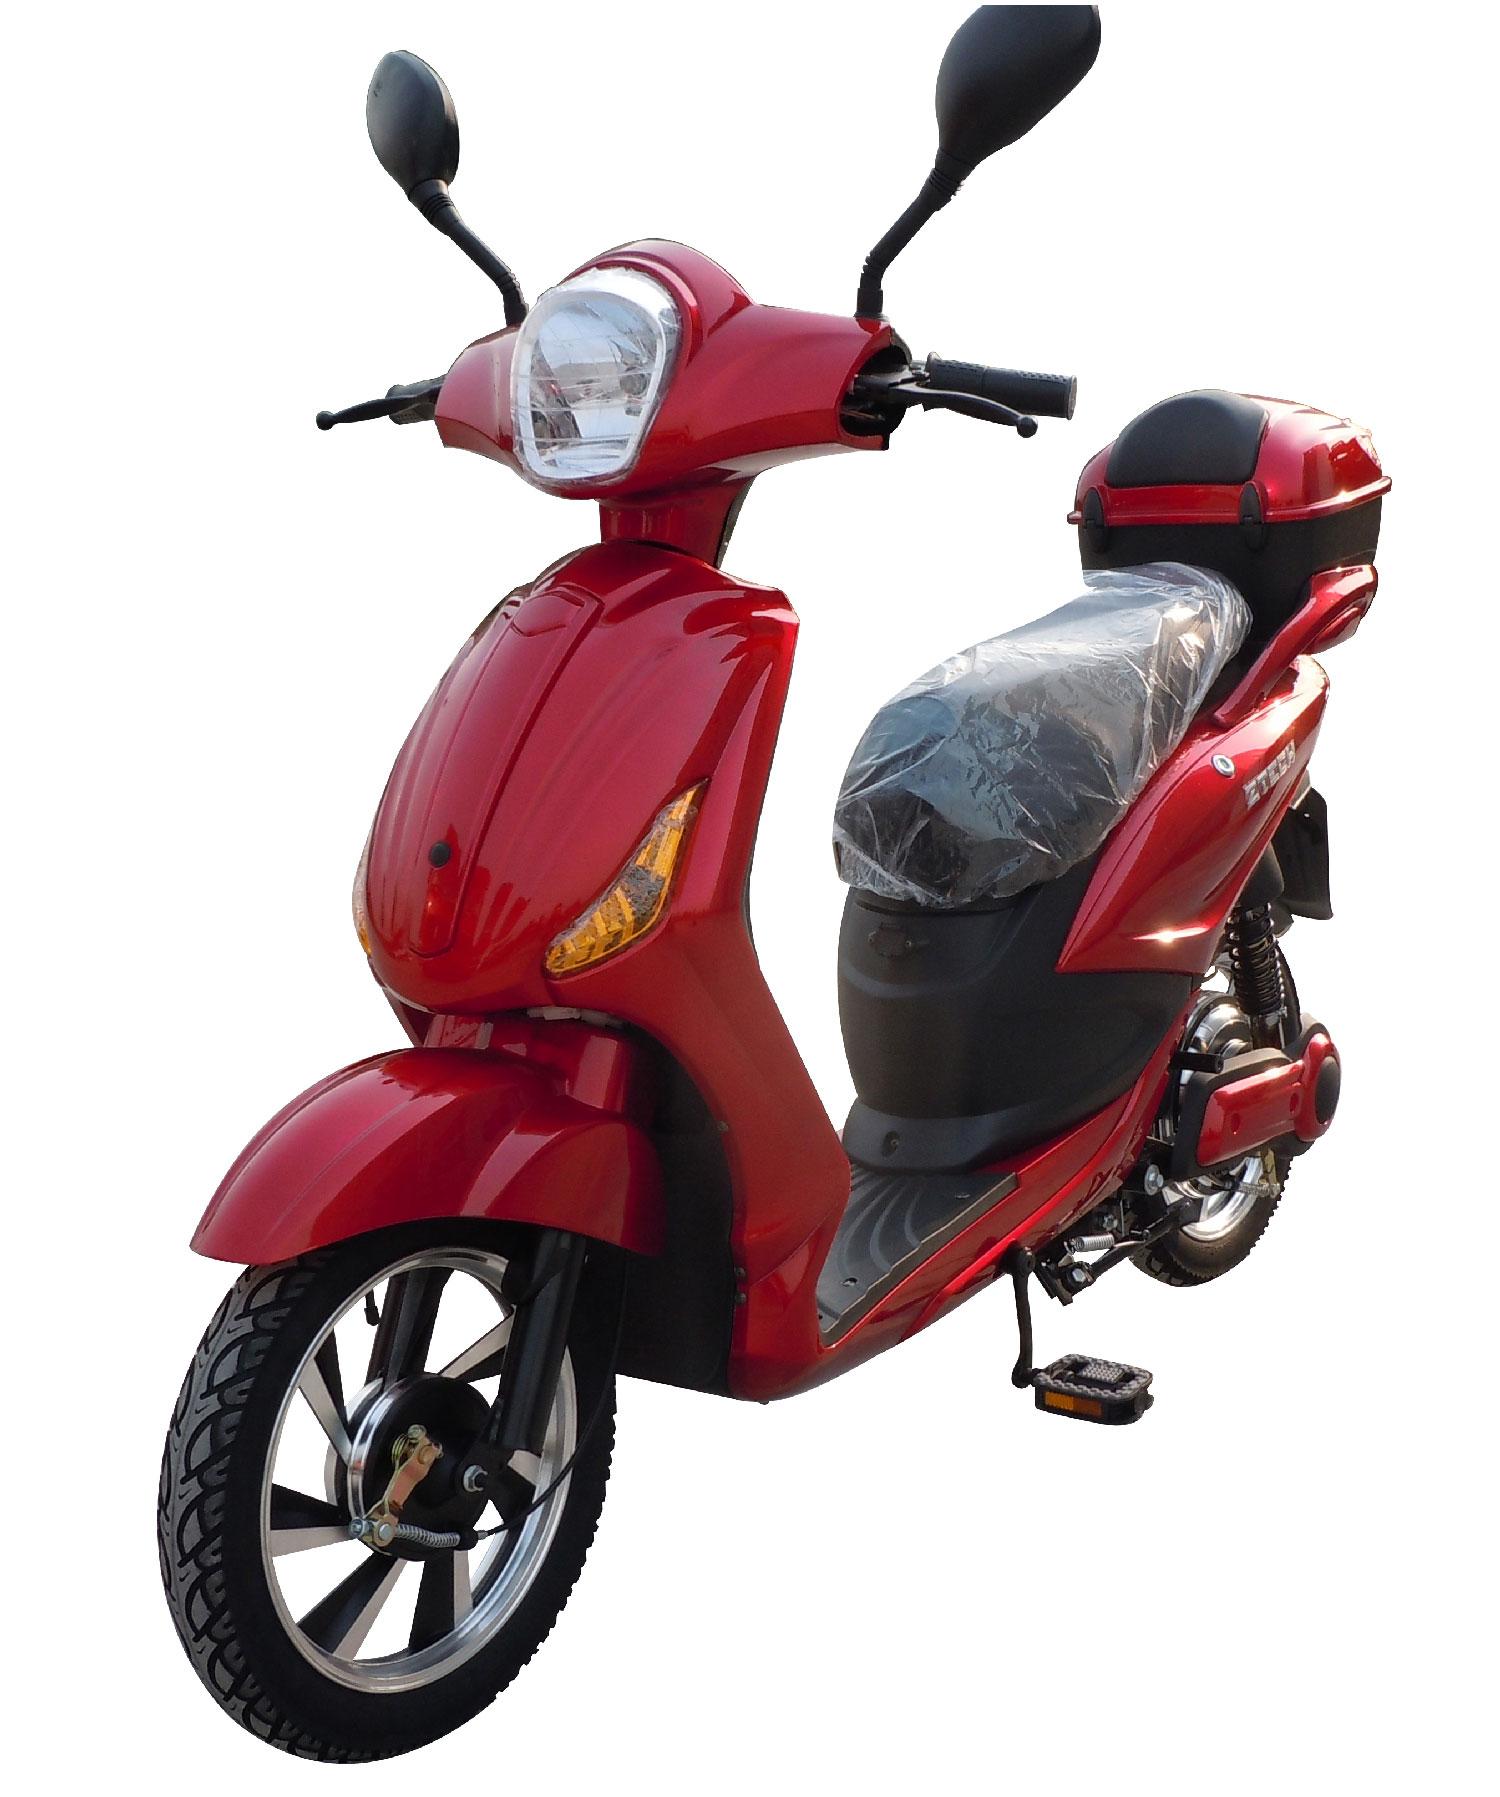 Bicicleta electrica Ztech Classic ZT-09A